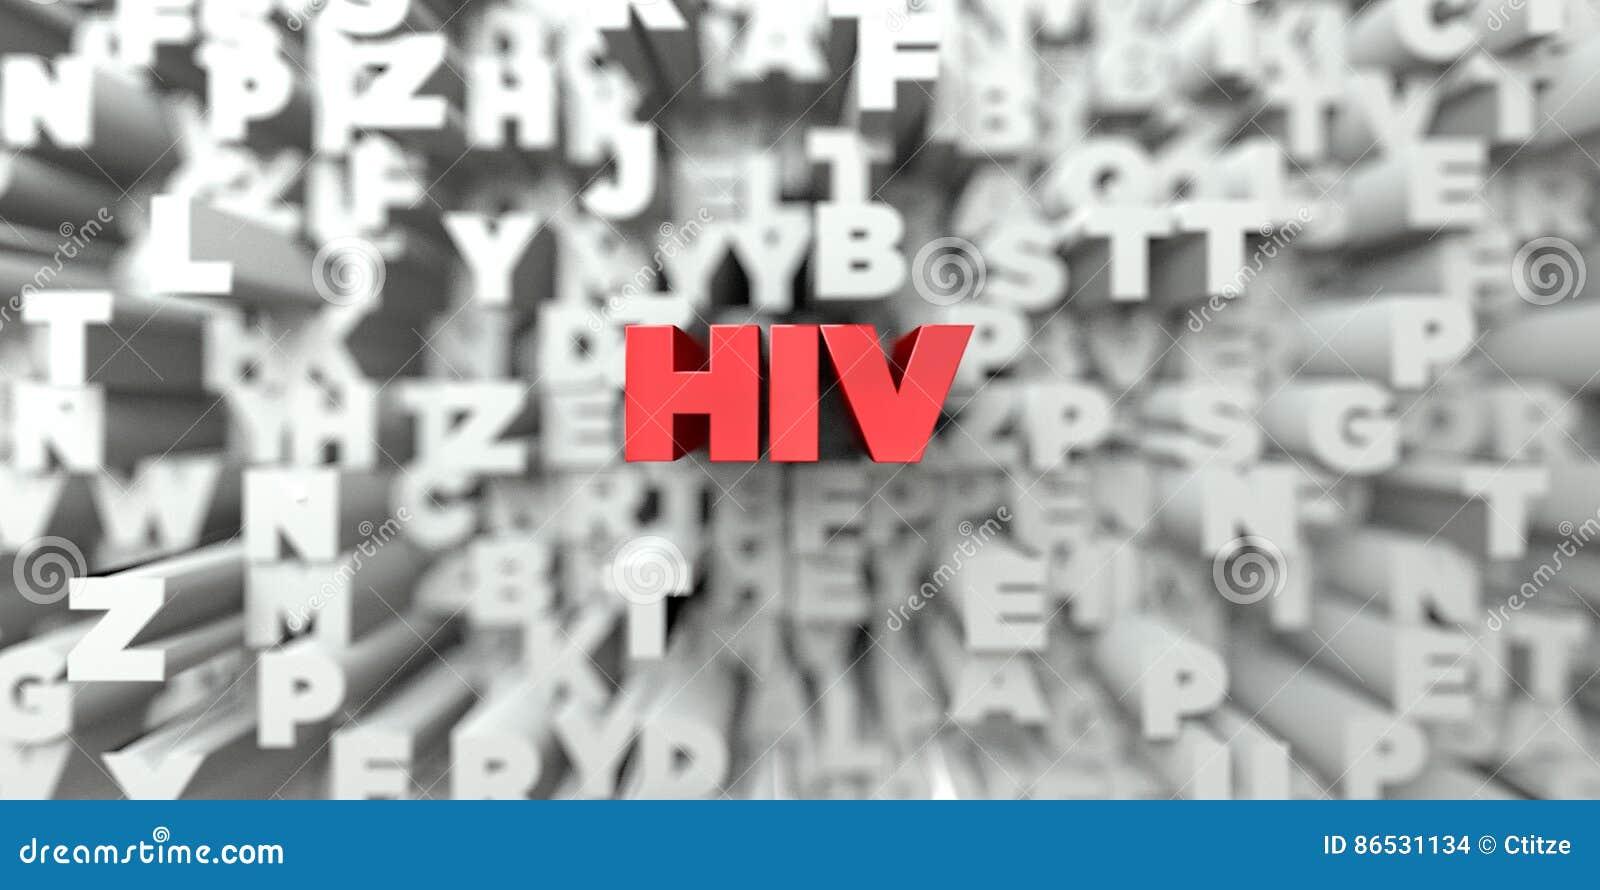 HIV - Röd text på typografibakgrund - 3D framförd fri materielbild för royalty